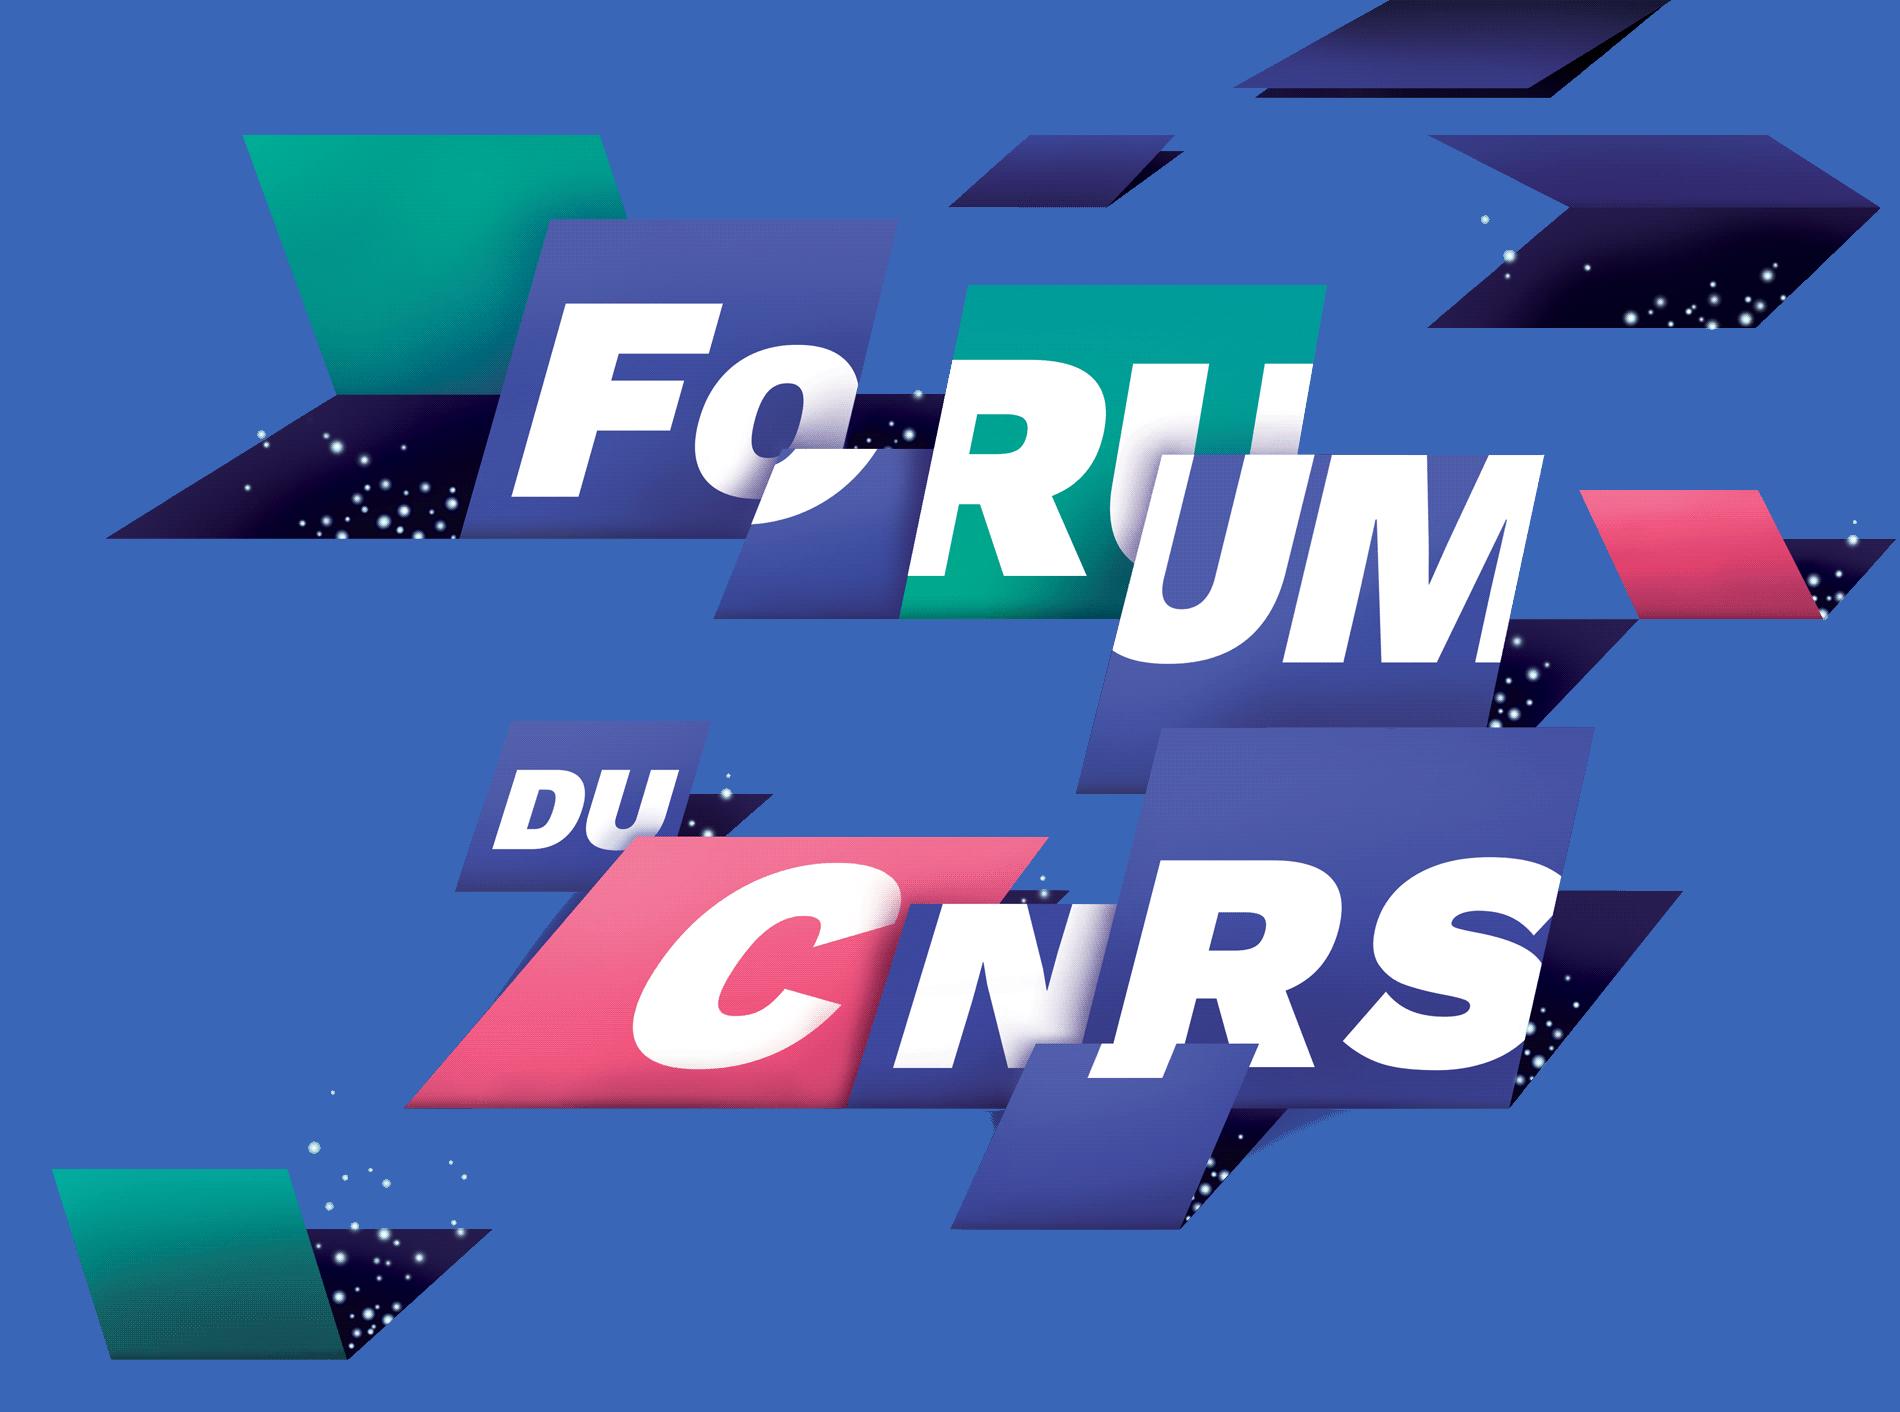 Le Forum 2017